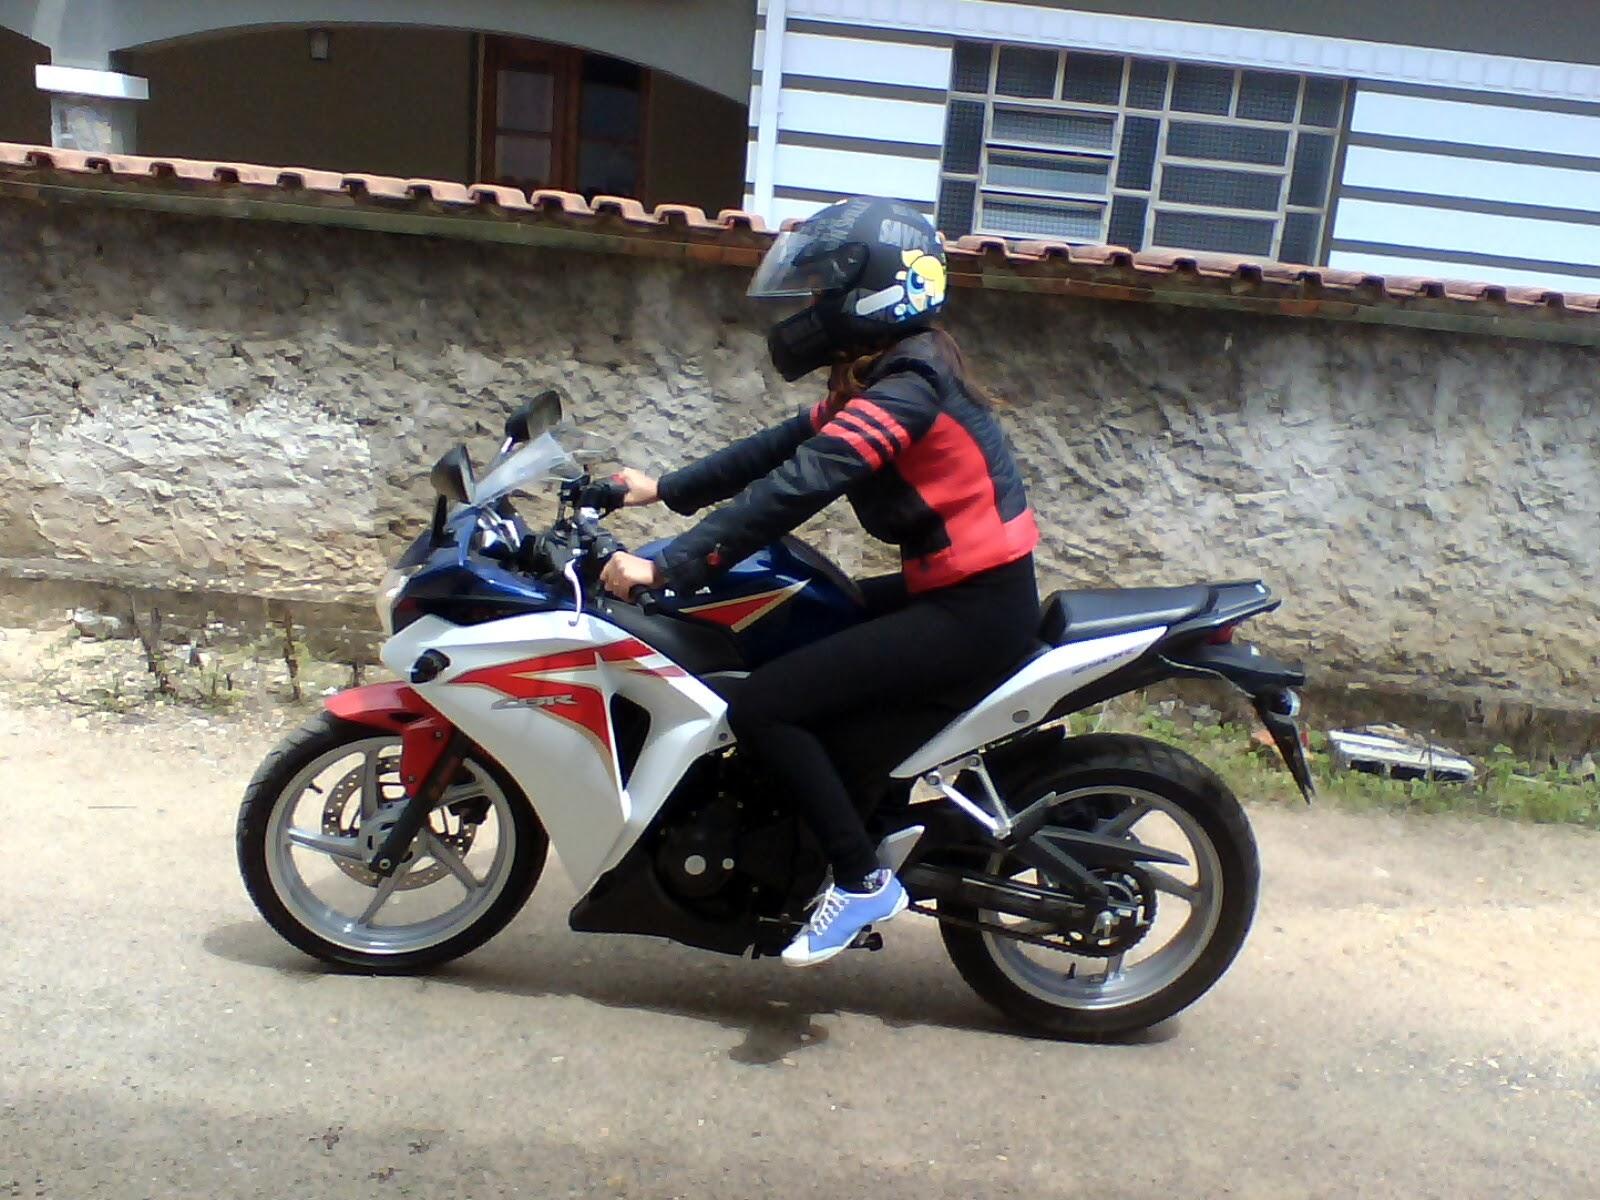 Os Not Veis Moto Clube A Mulherada Fazendo Manobras Motos